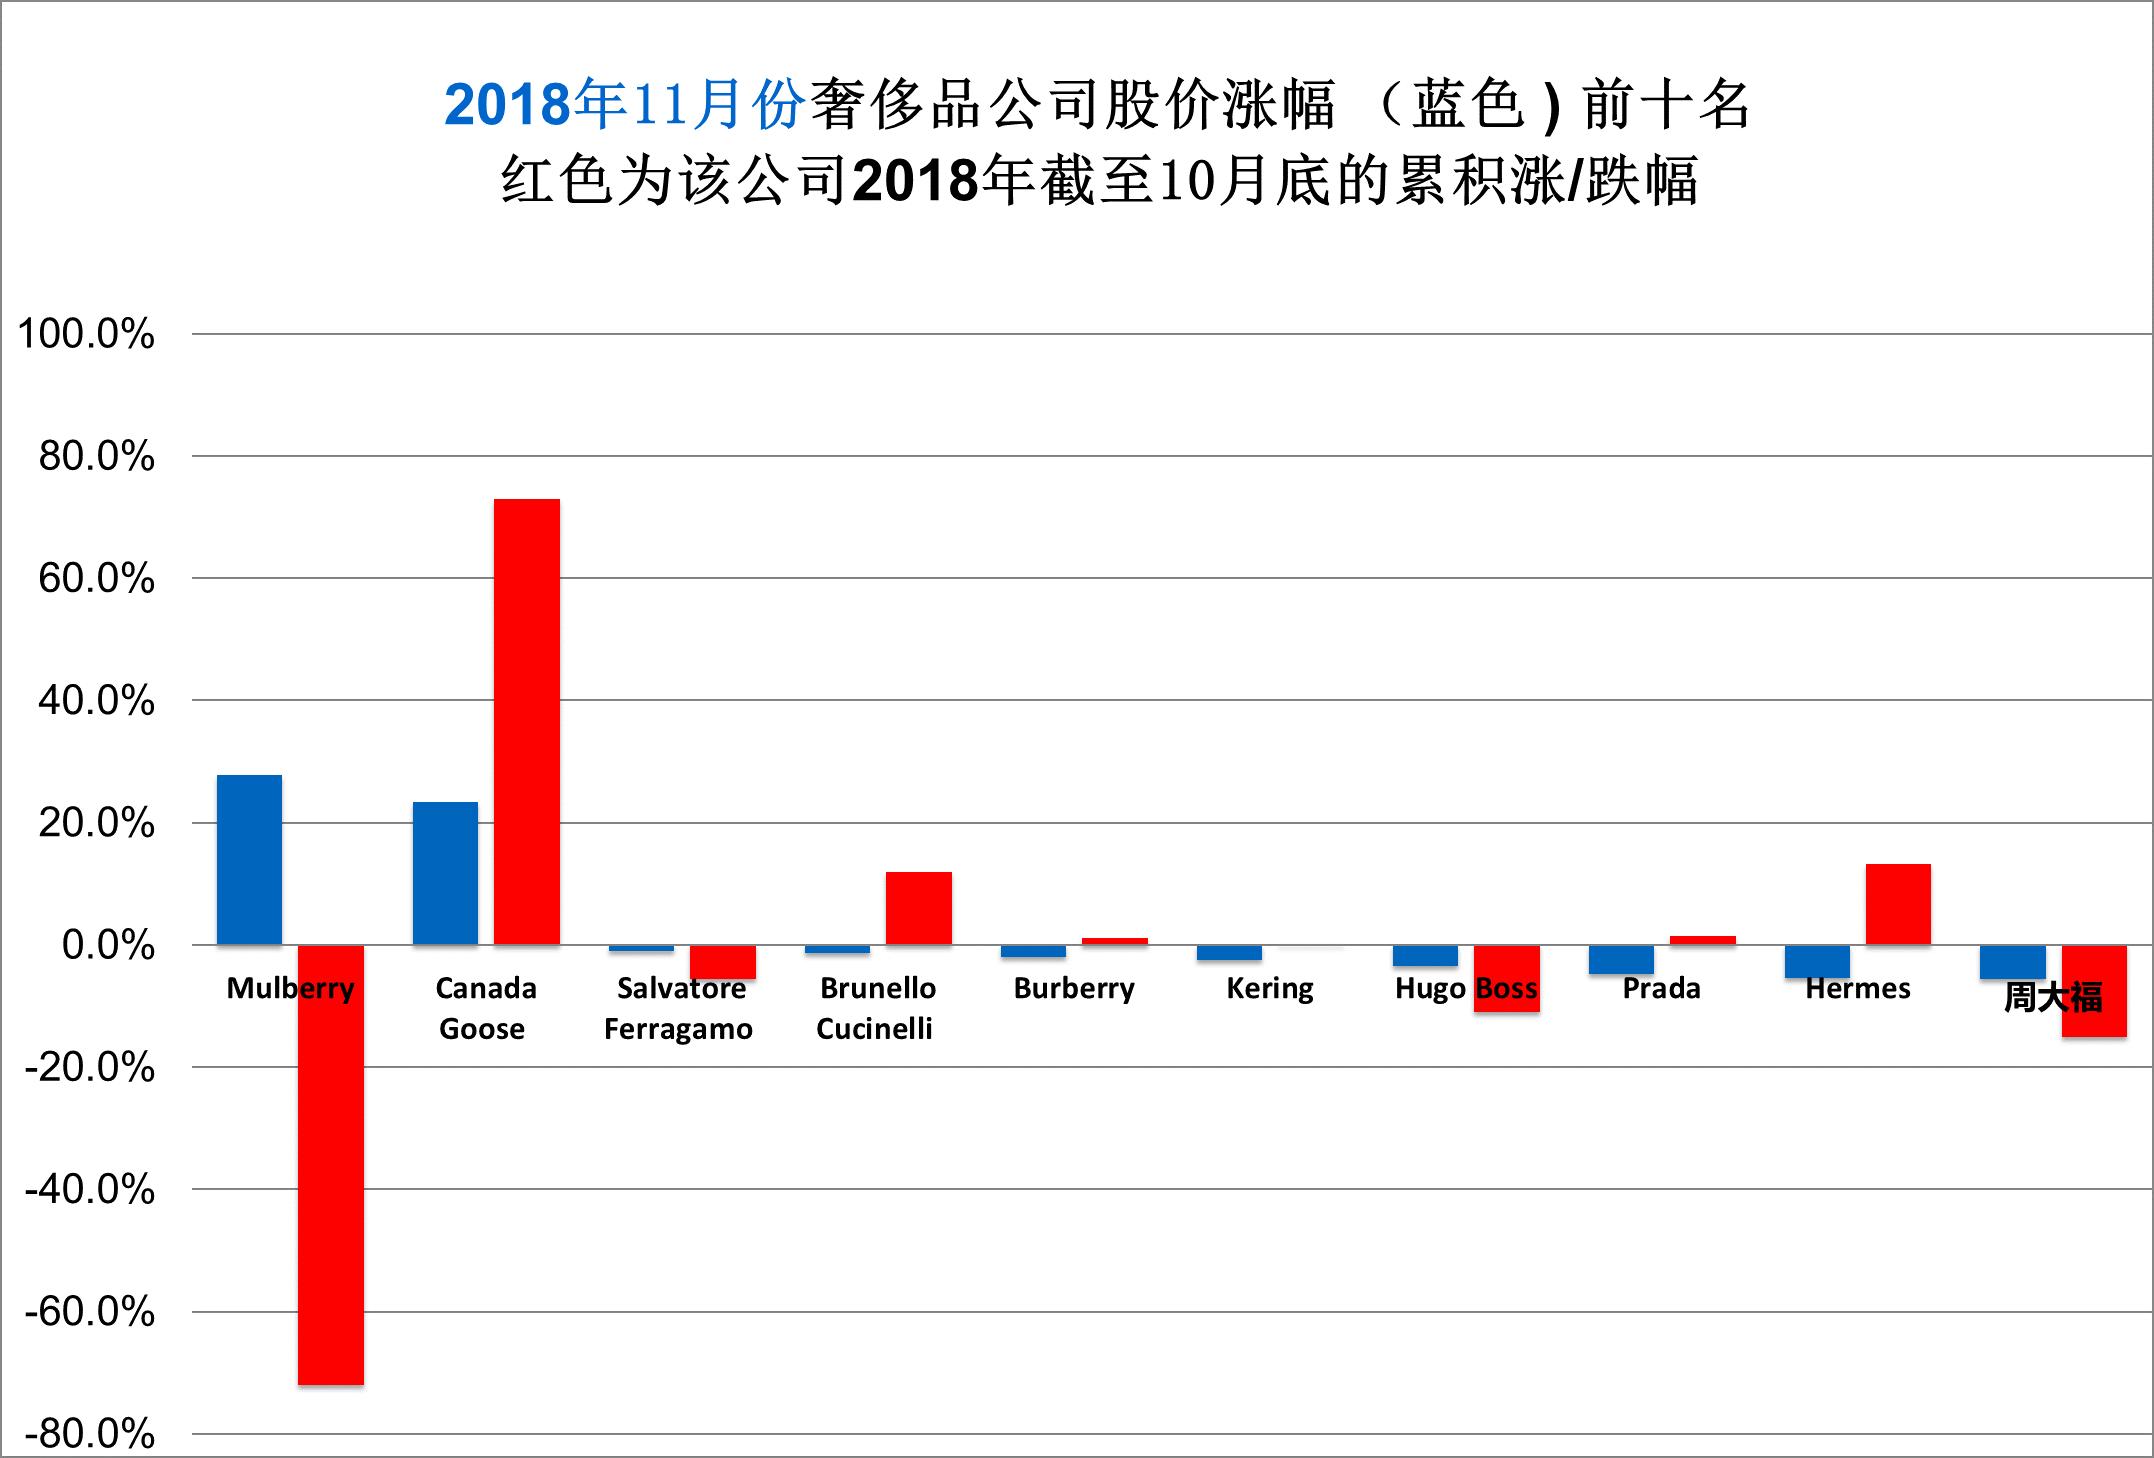 华丽志奢侈品股票月度排行榜(2018年11月)